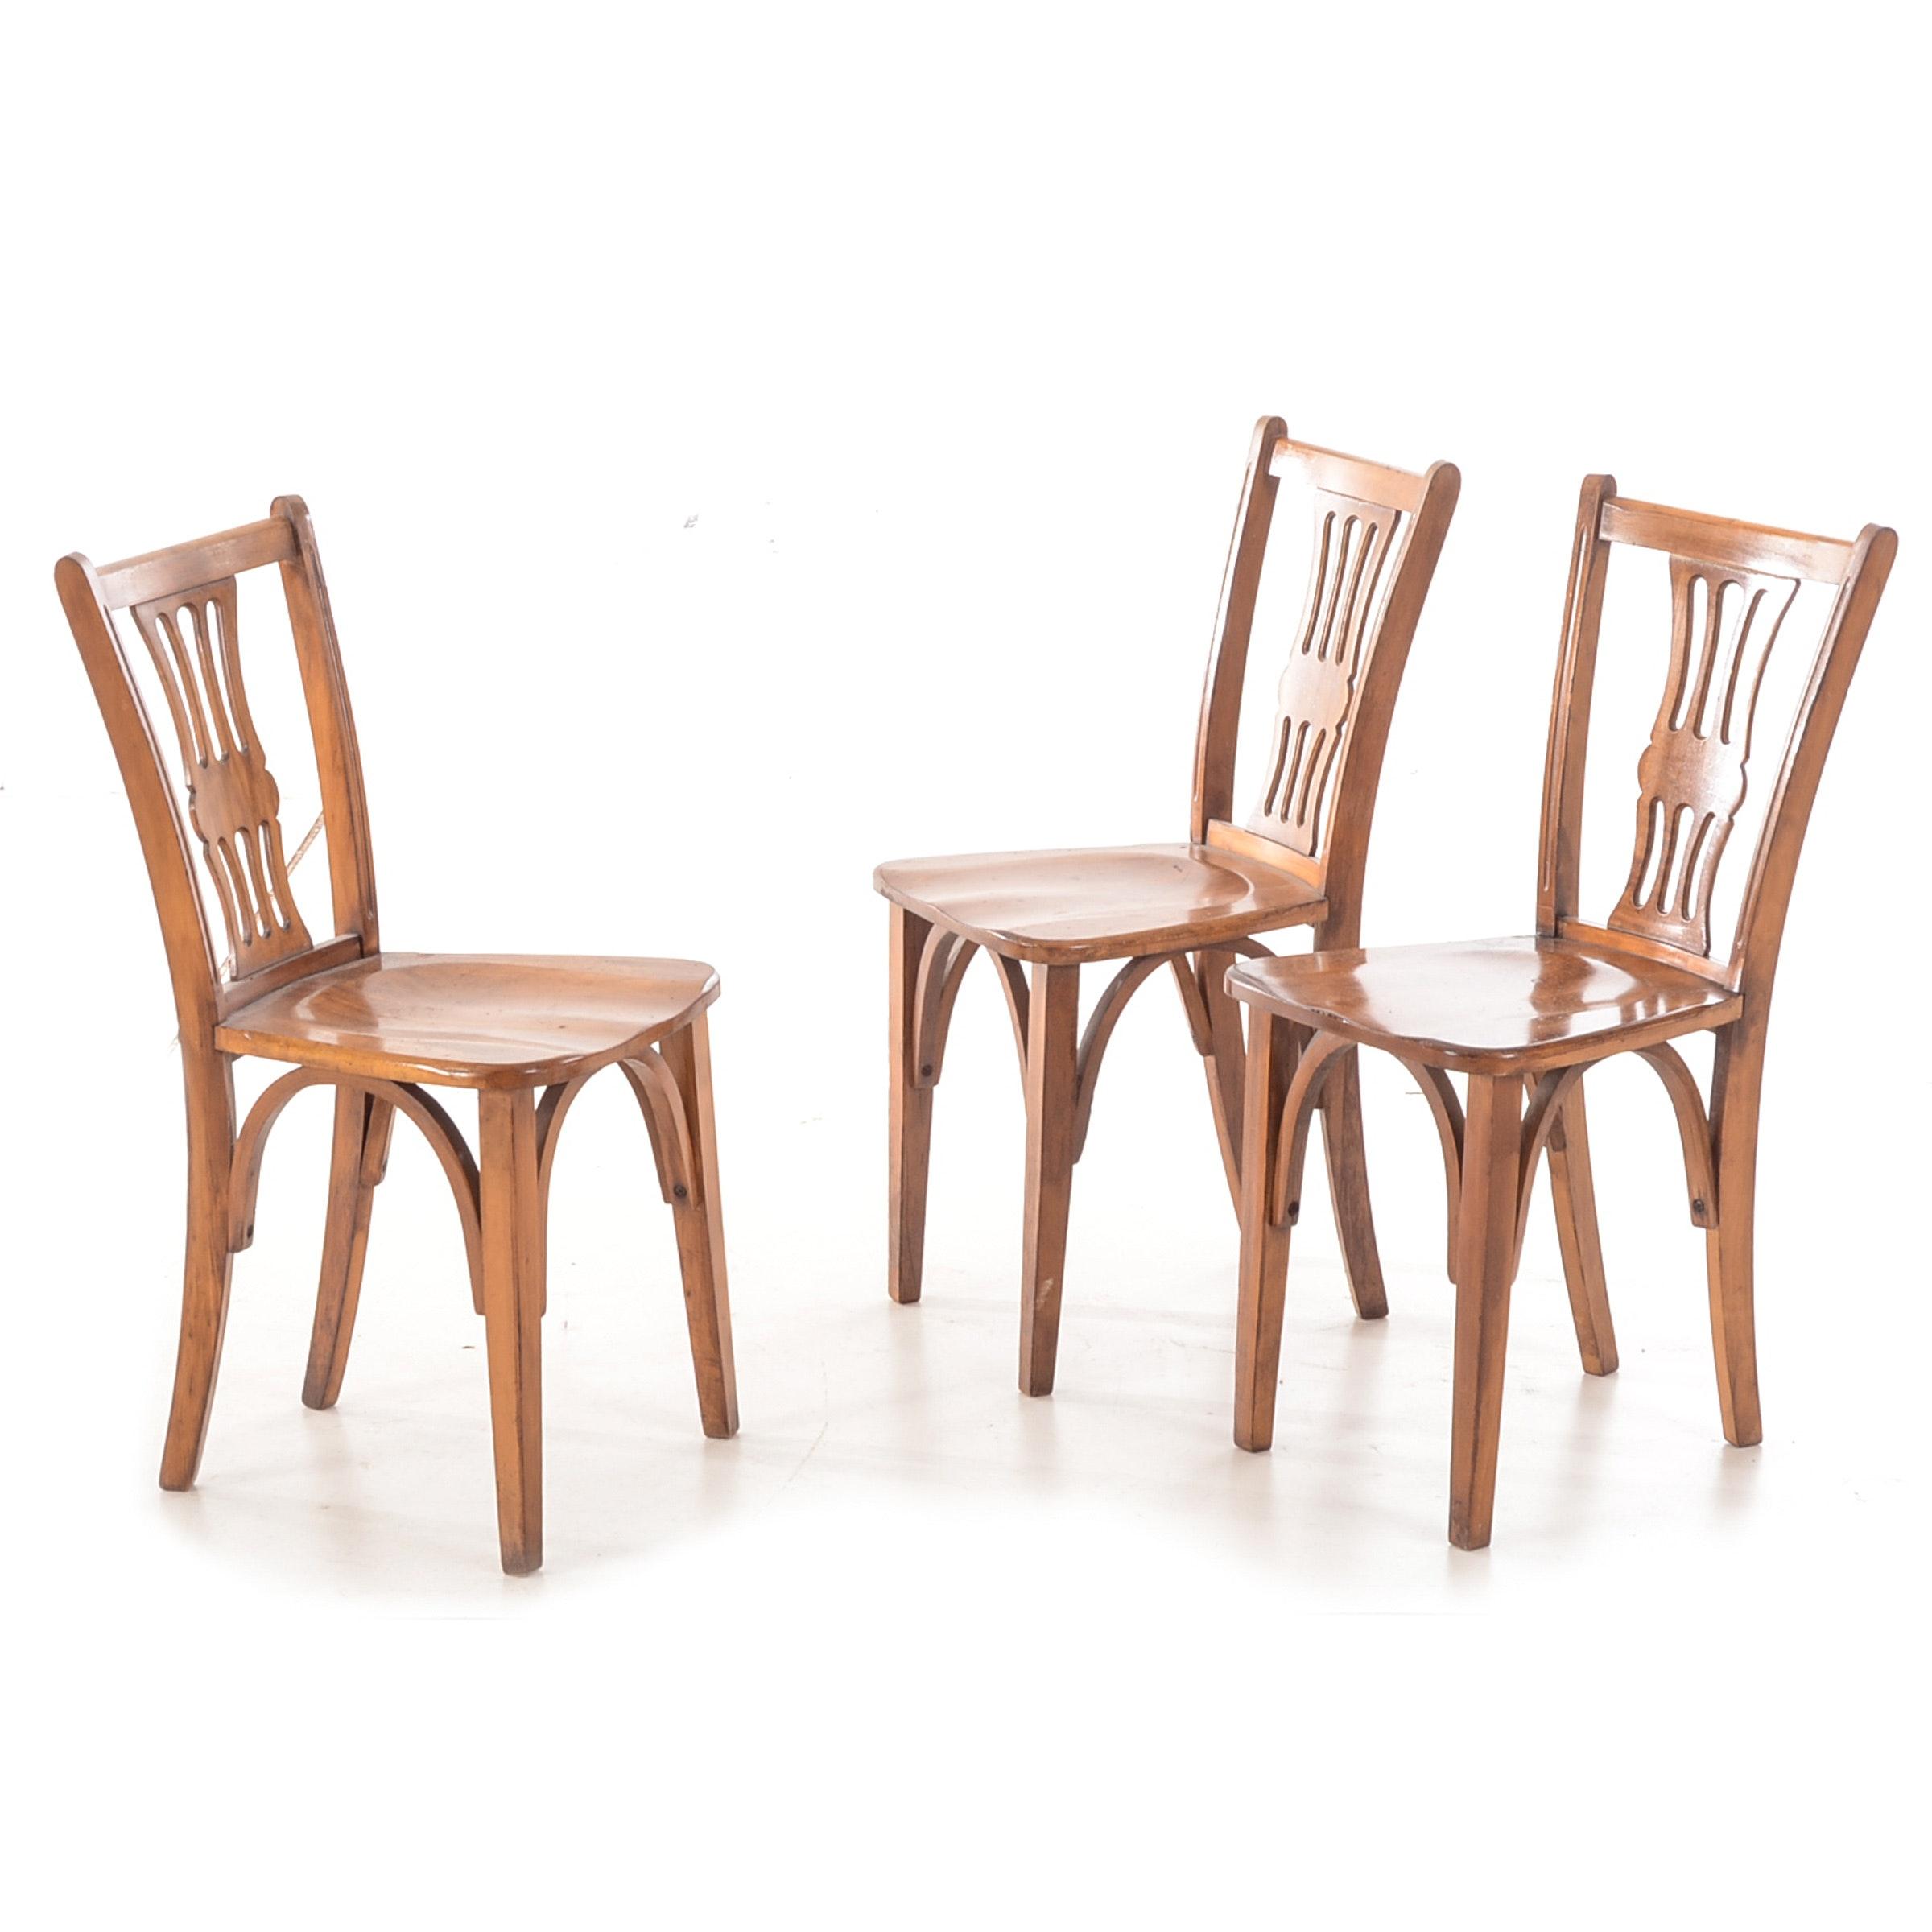 Three Vintage Birch Side Chairs